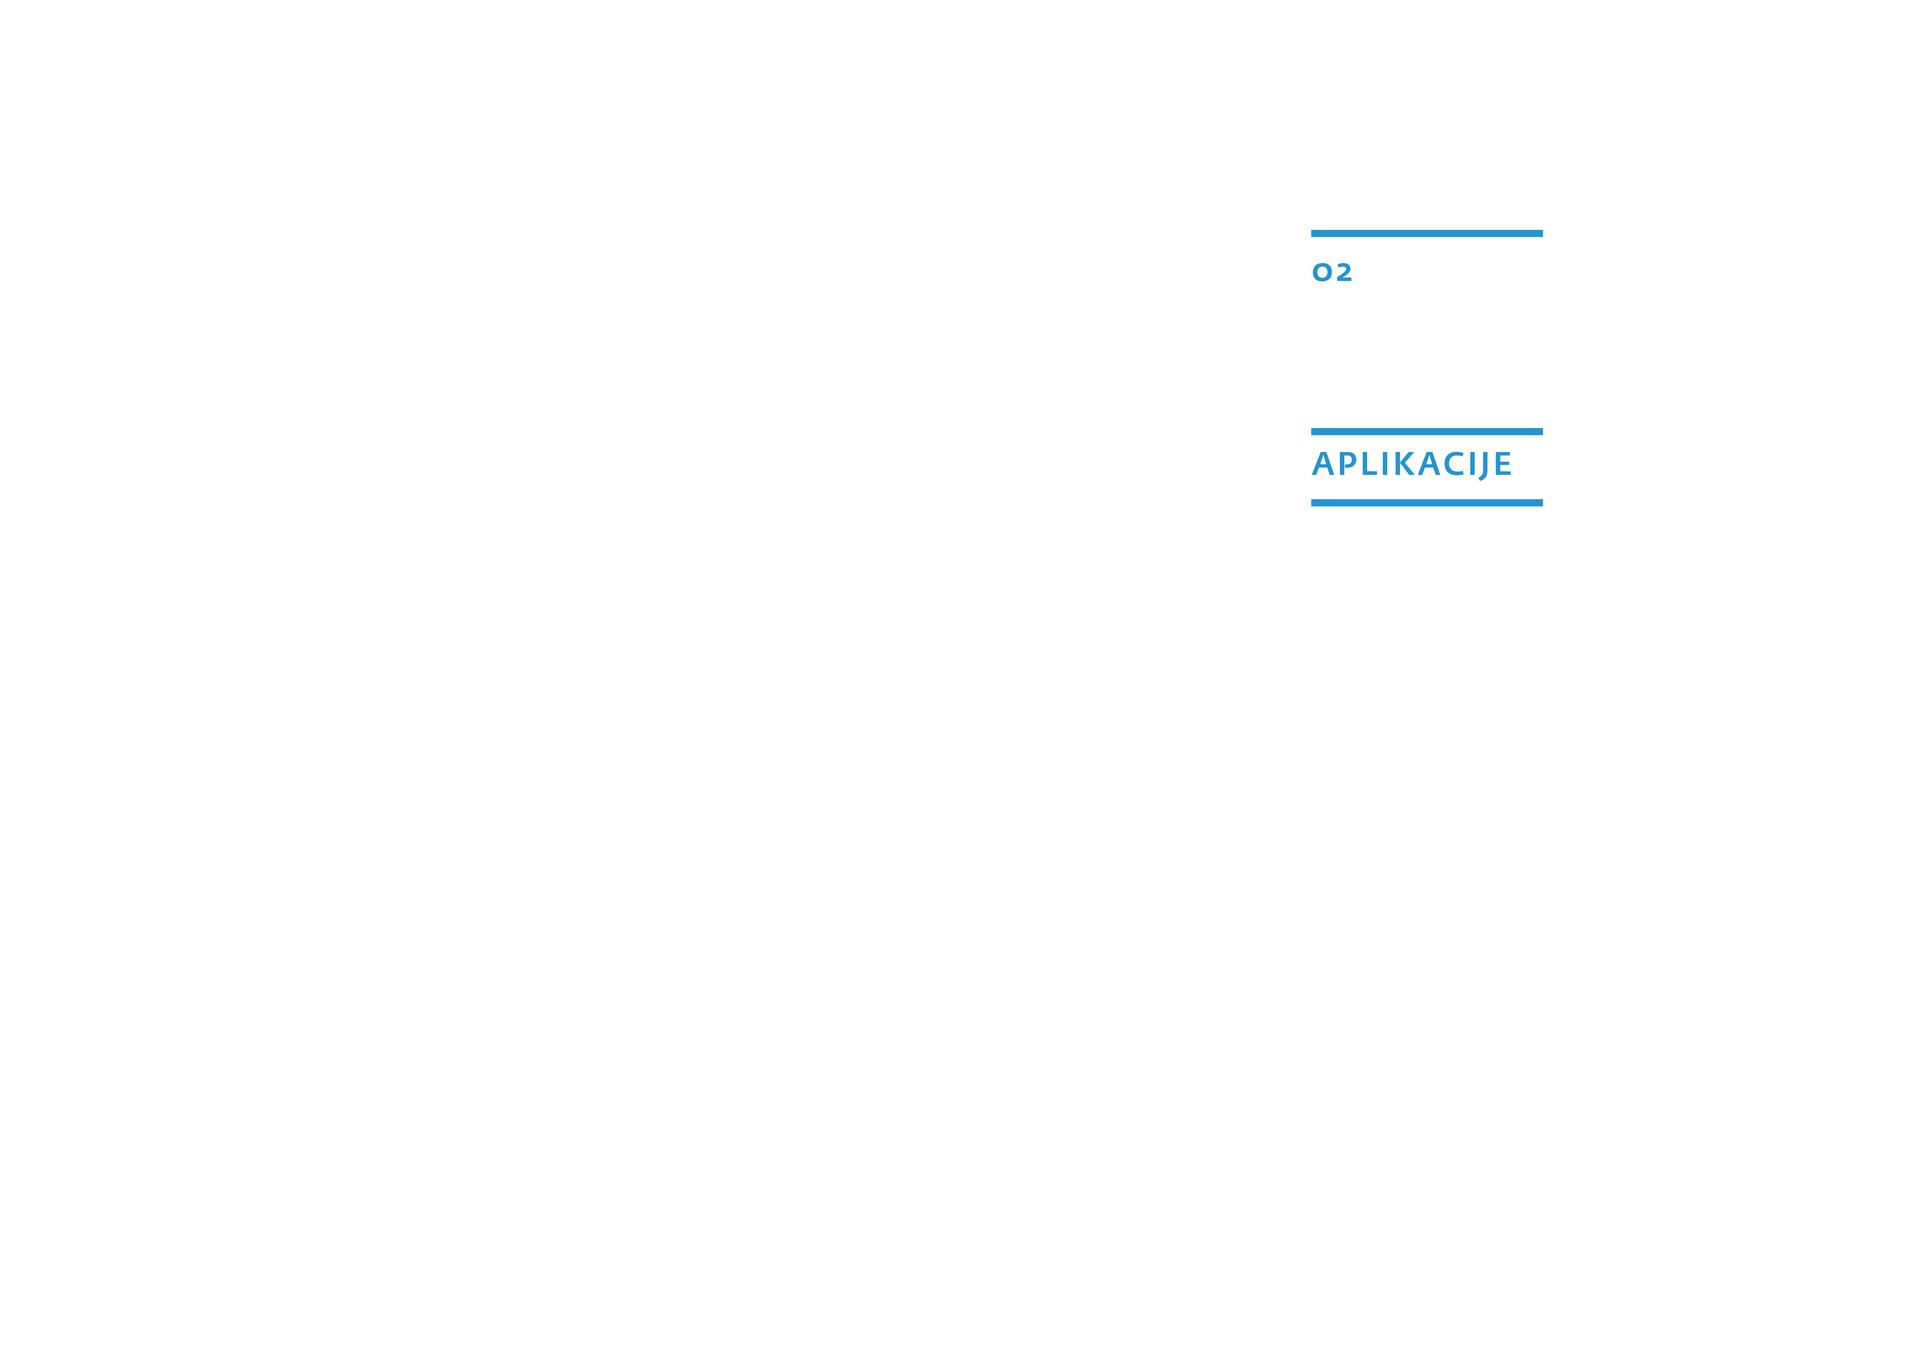 VILLA_KLACINA aplikacije